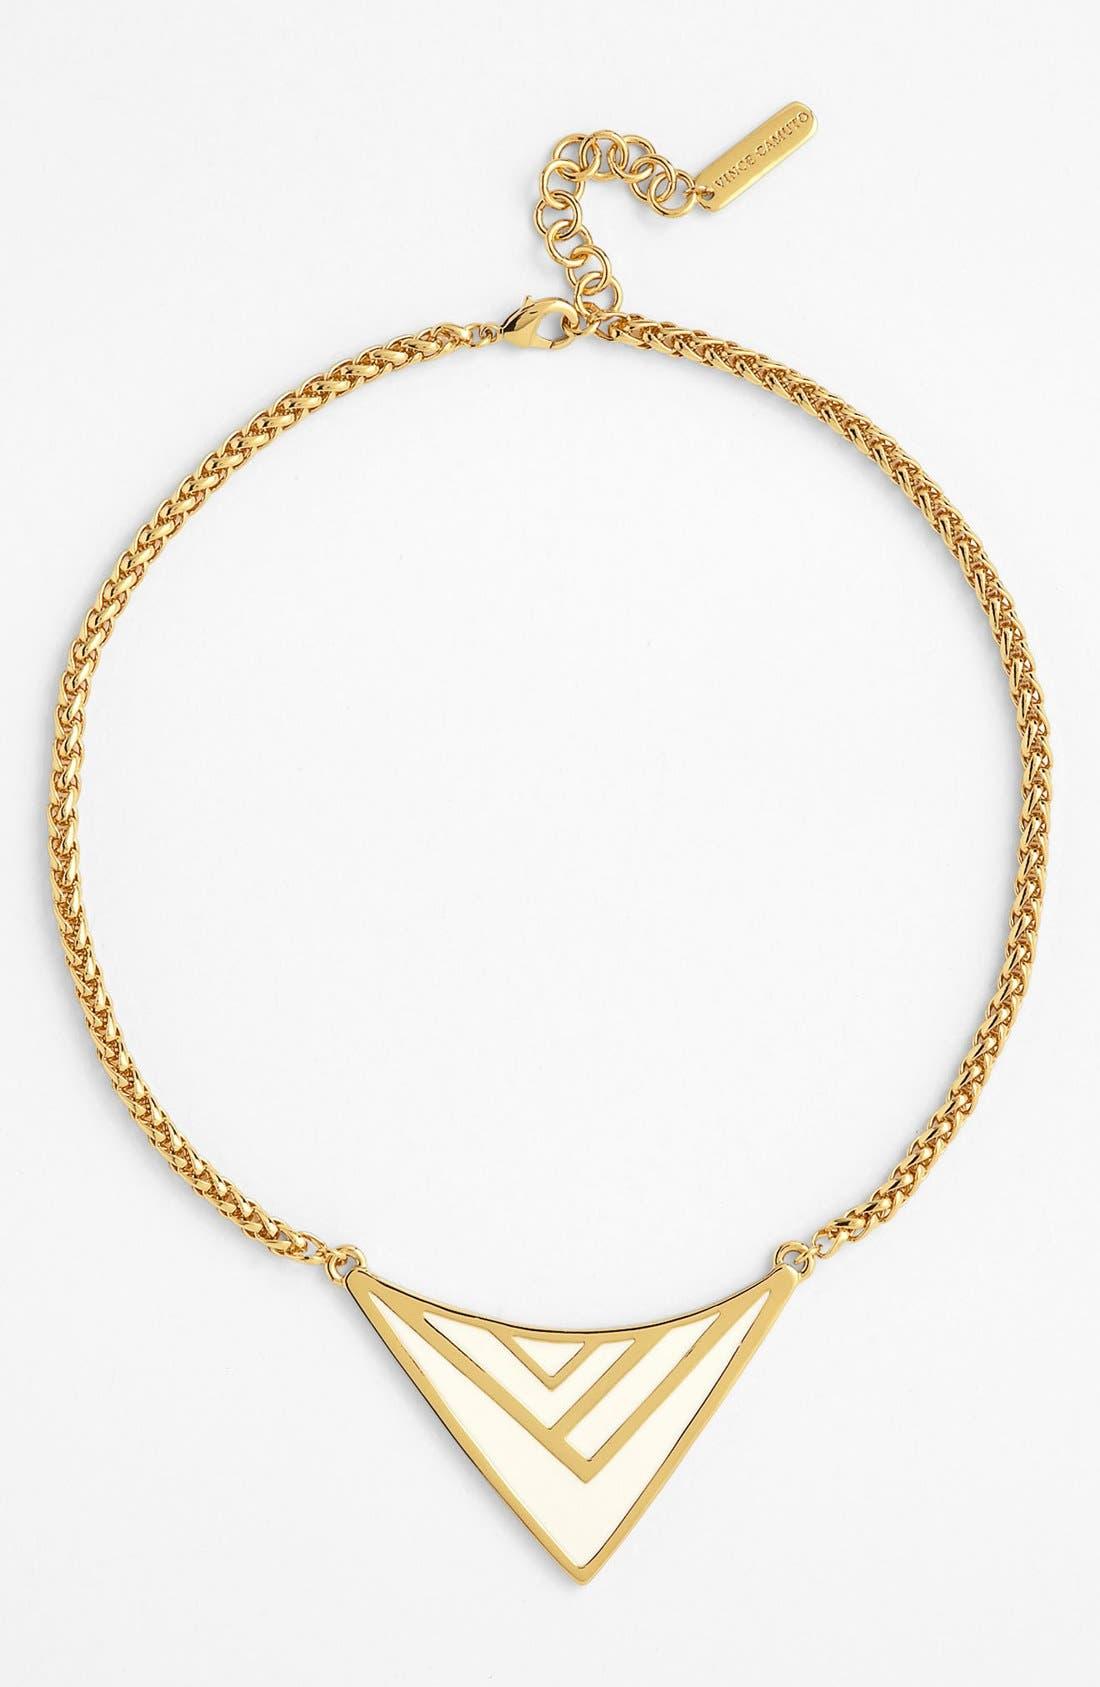 Main Image - Vince Camuto Enamel Chevron Pendant Necklace